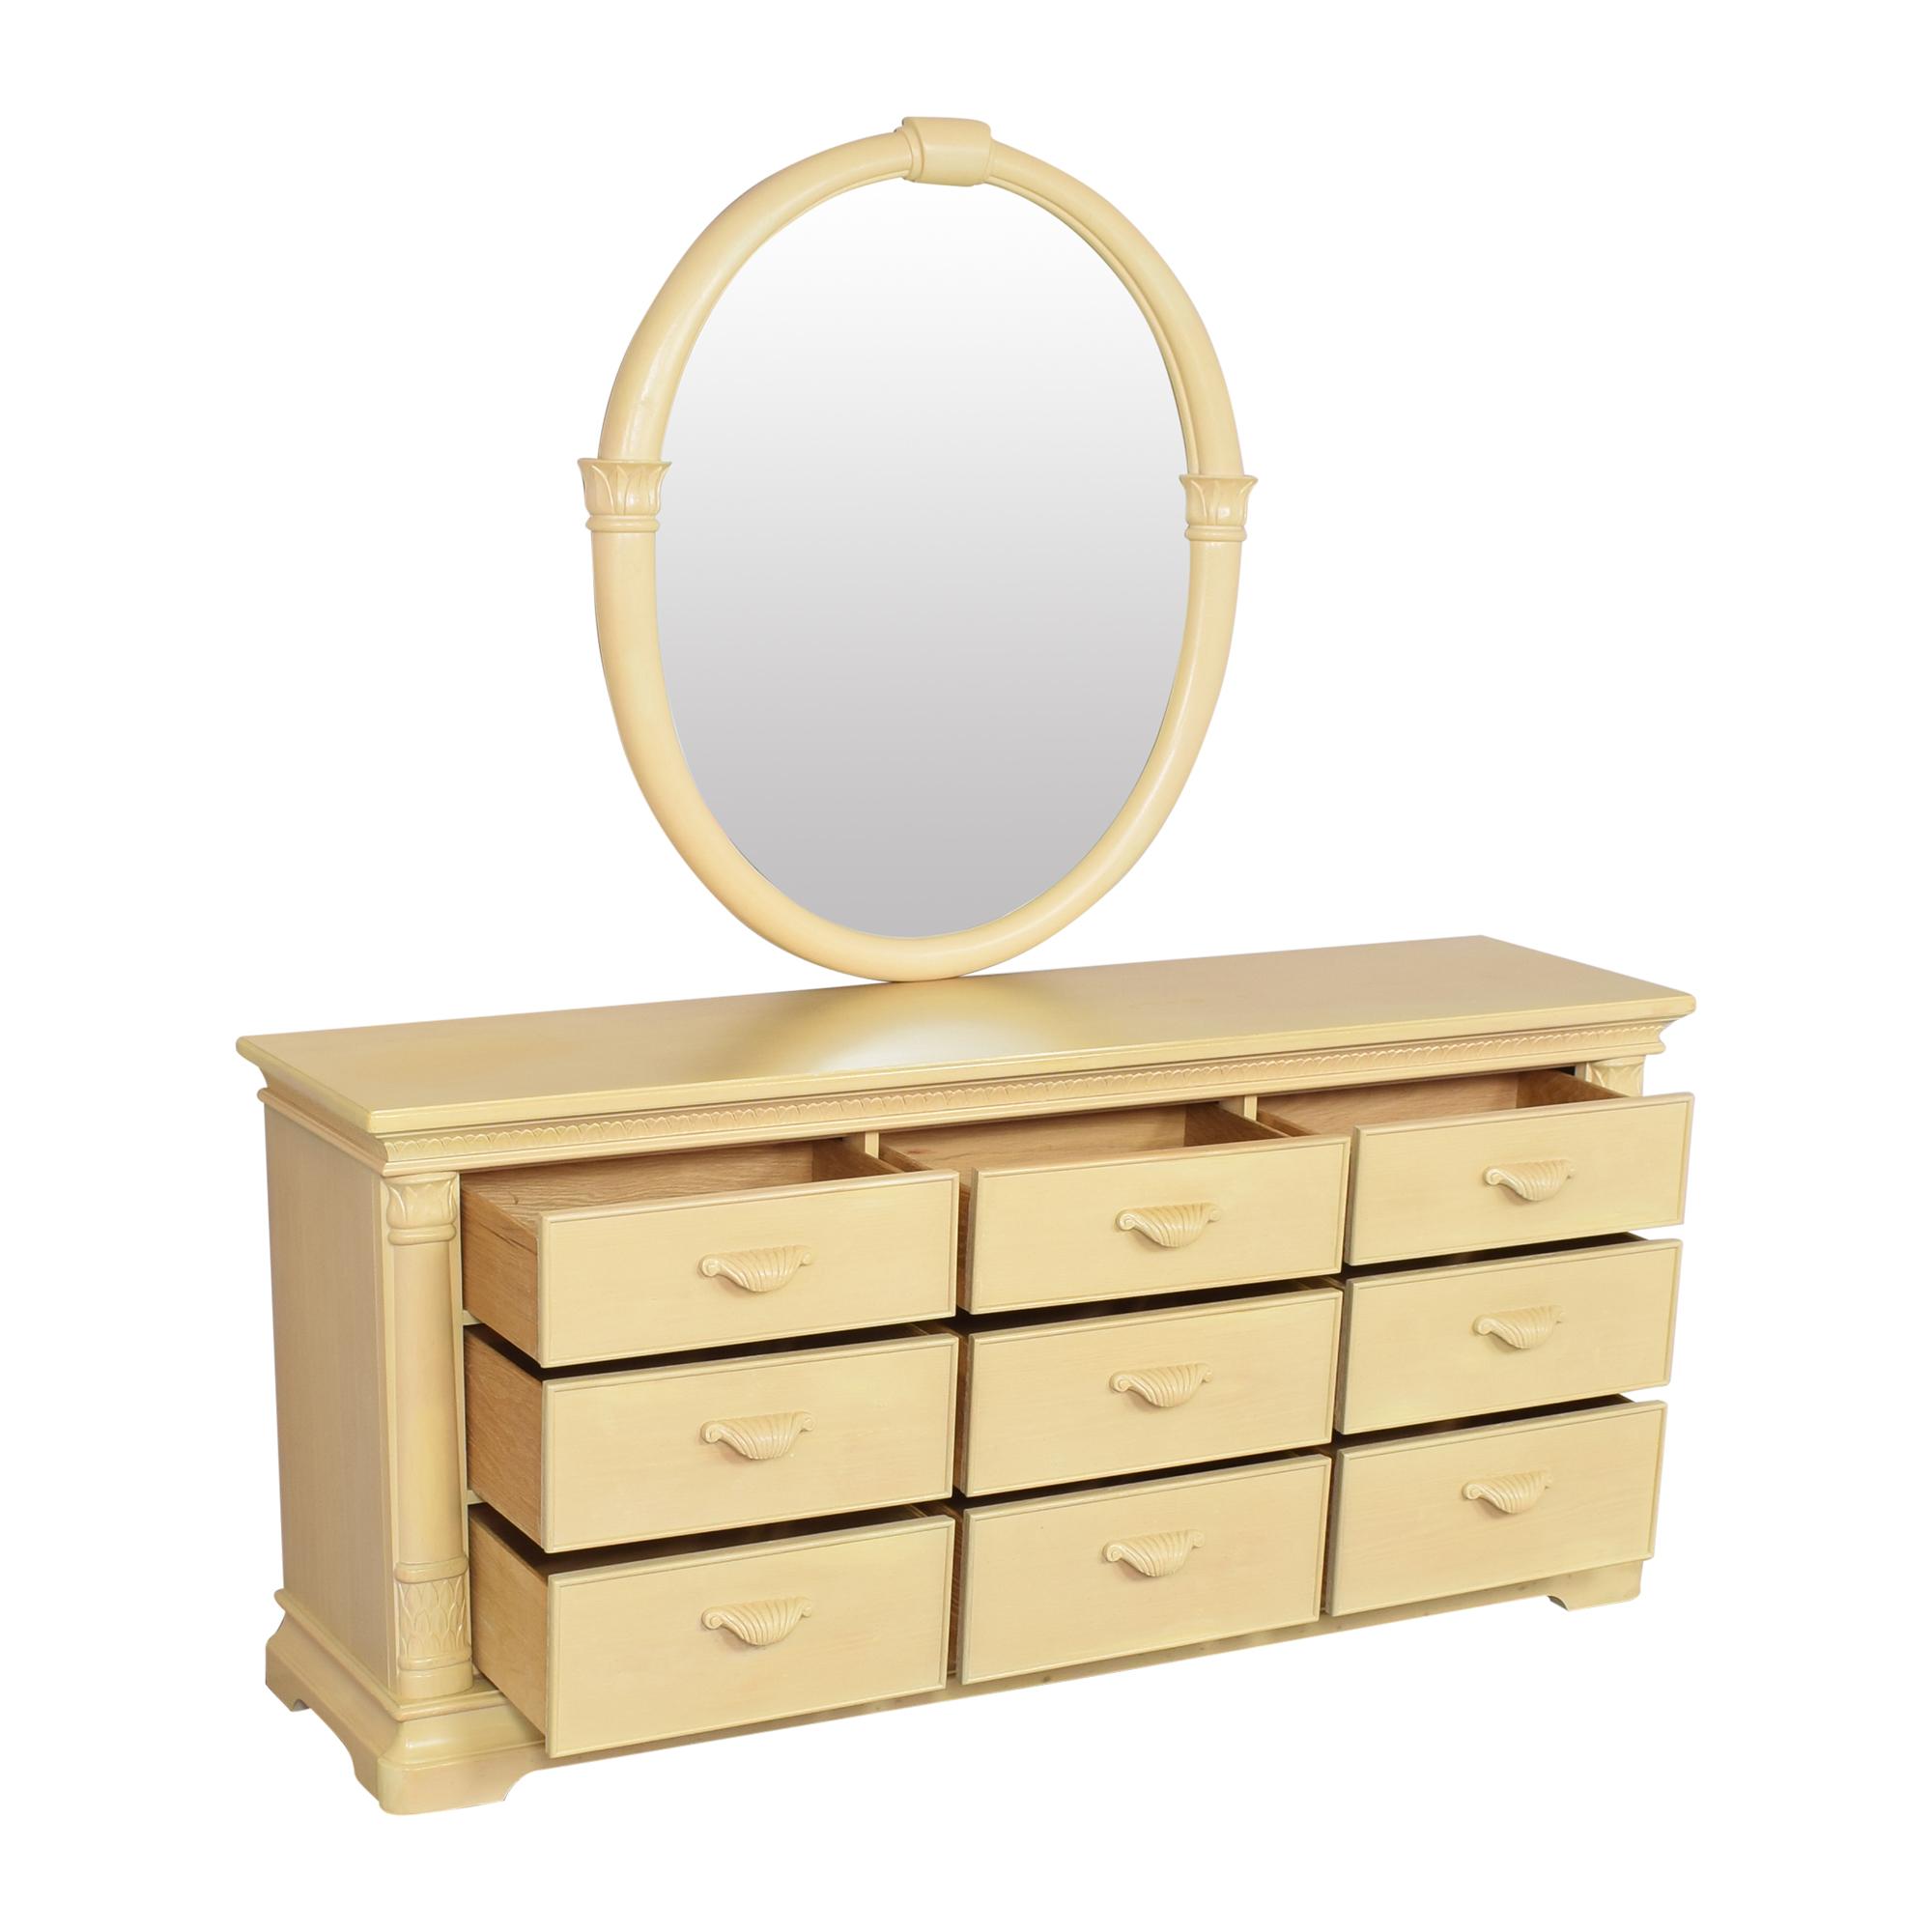 Bernhardt Bernhardt Nine Drawer Dresser with Mirror on sale